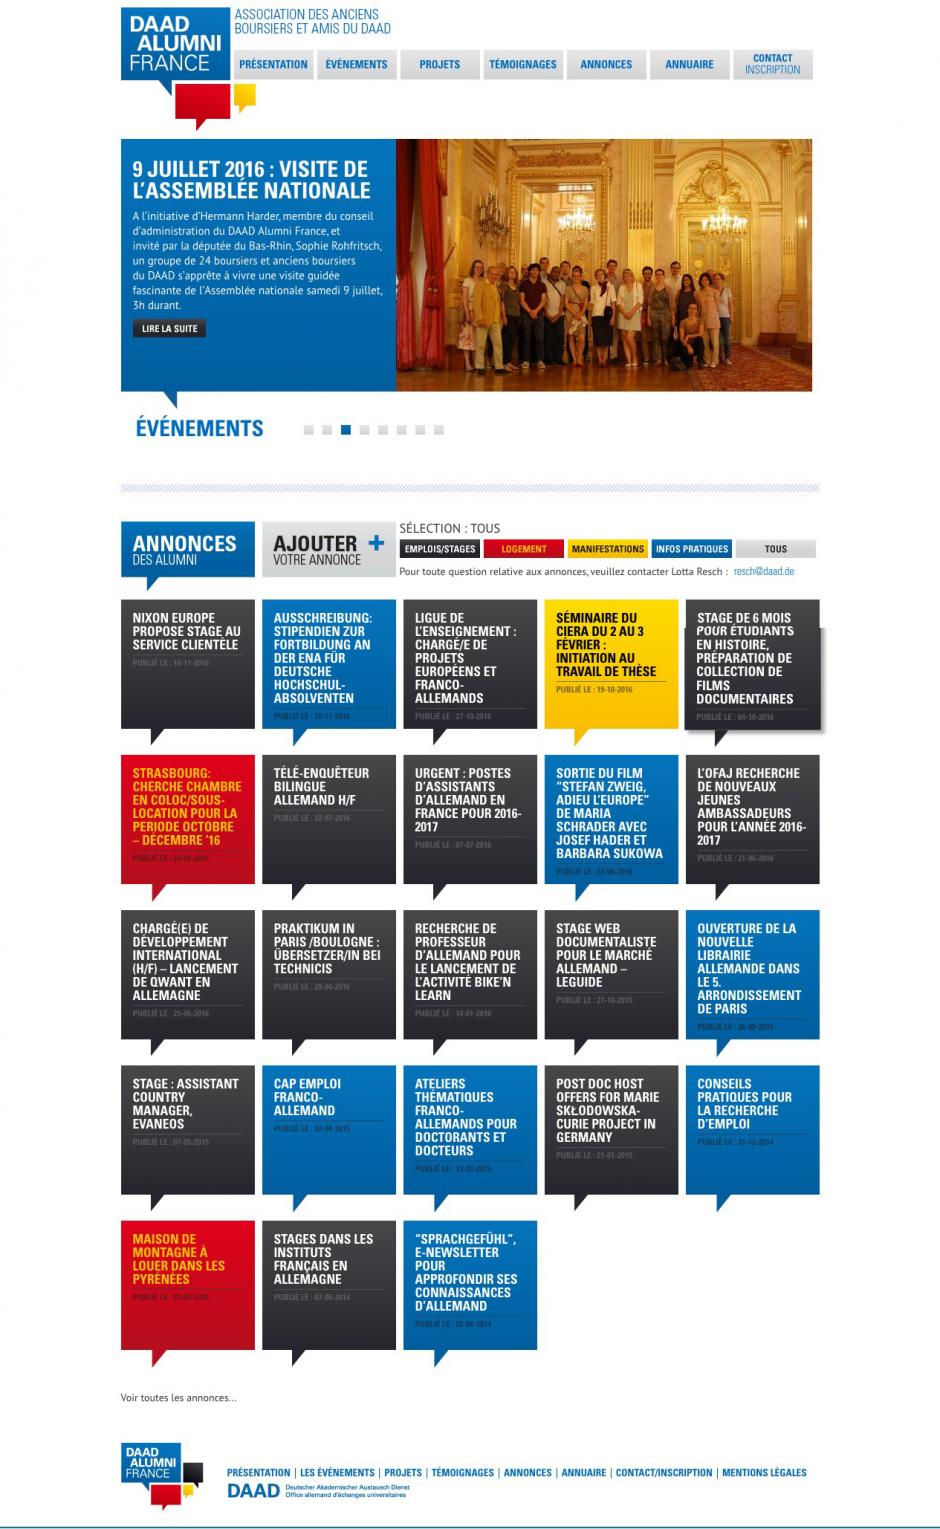 Site Internet du DAAD Alumni France : http://www.daad-alumni-france.org